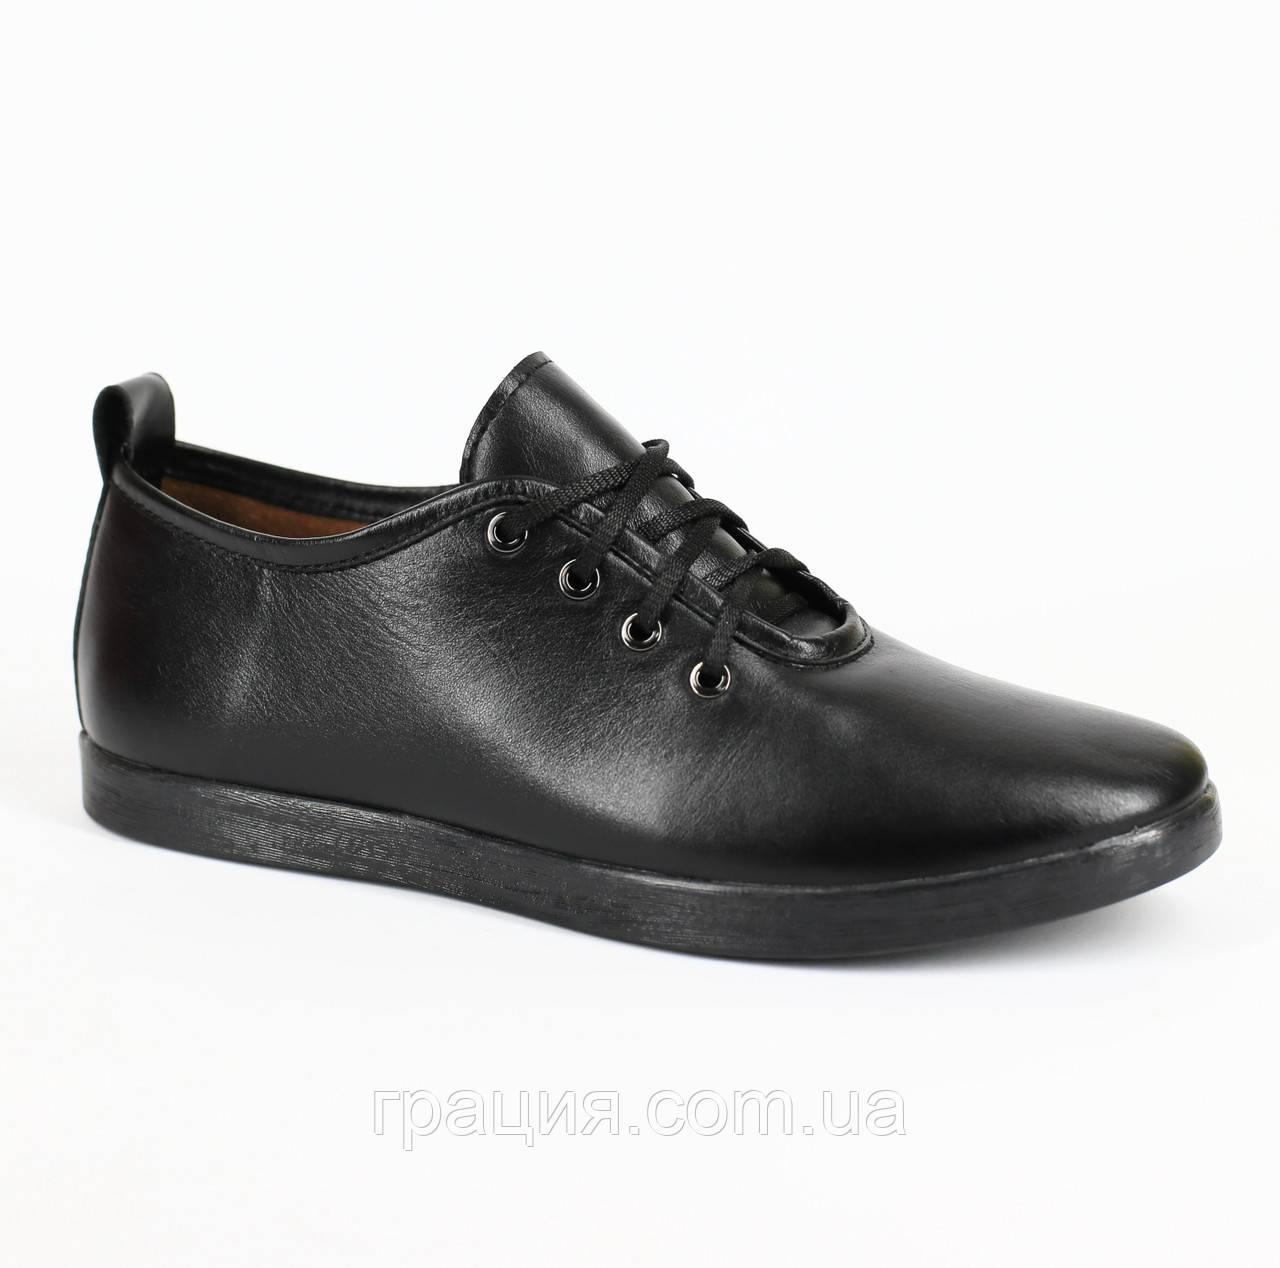 Шкіряні жіночі туфлі на шнурівці чорні